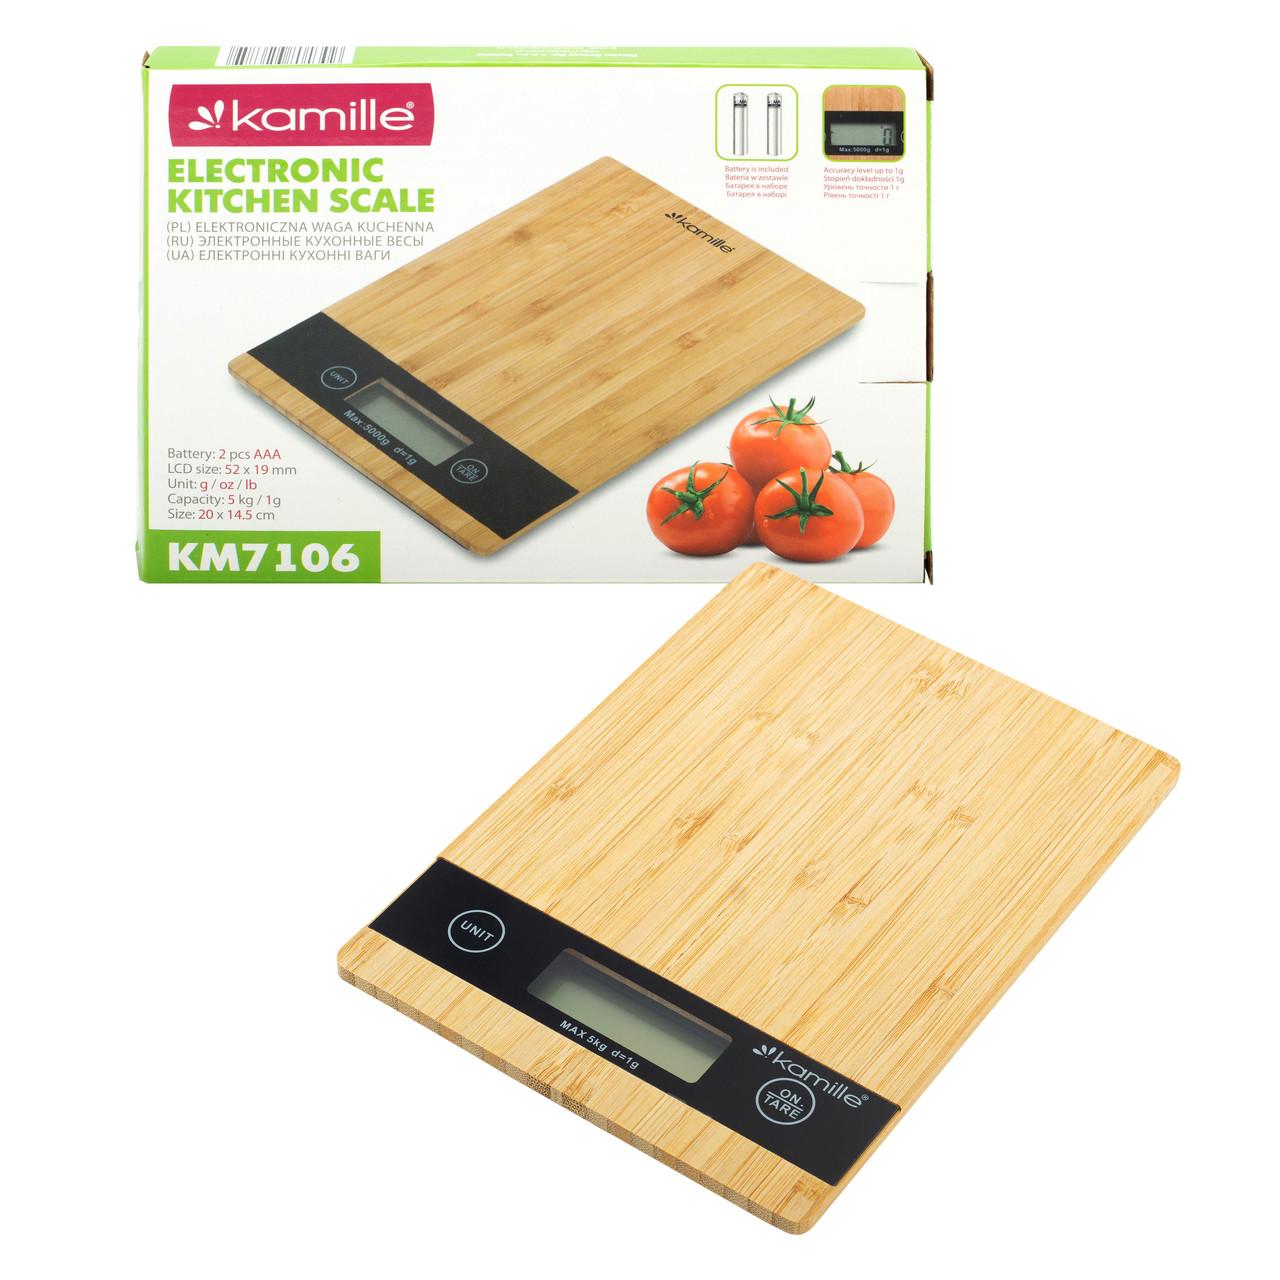 Ваги електронні кухонні Kamille 20*14,5 см KM-7106